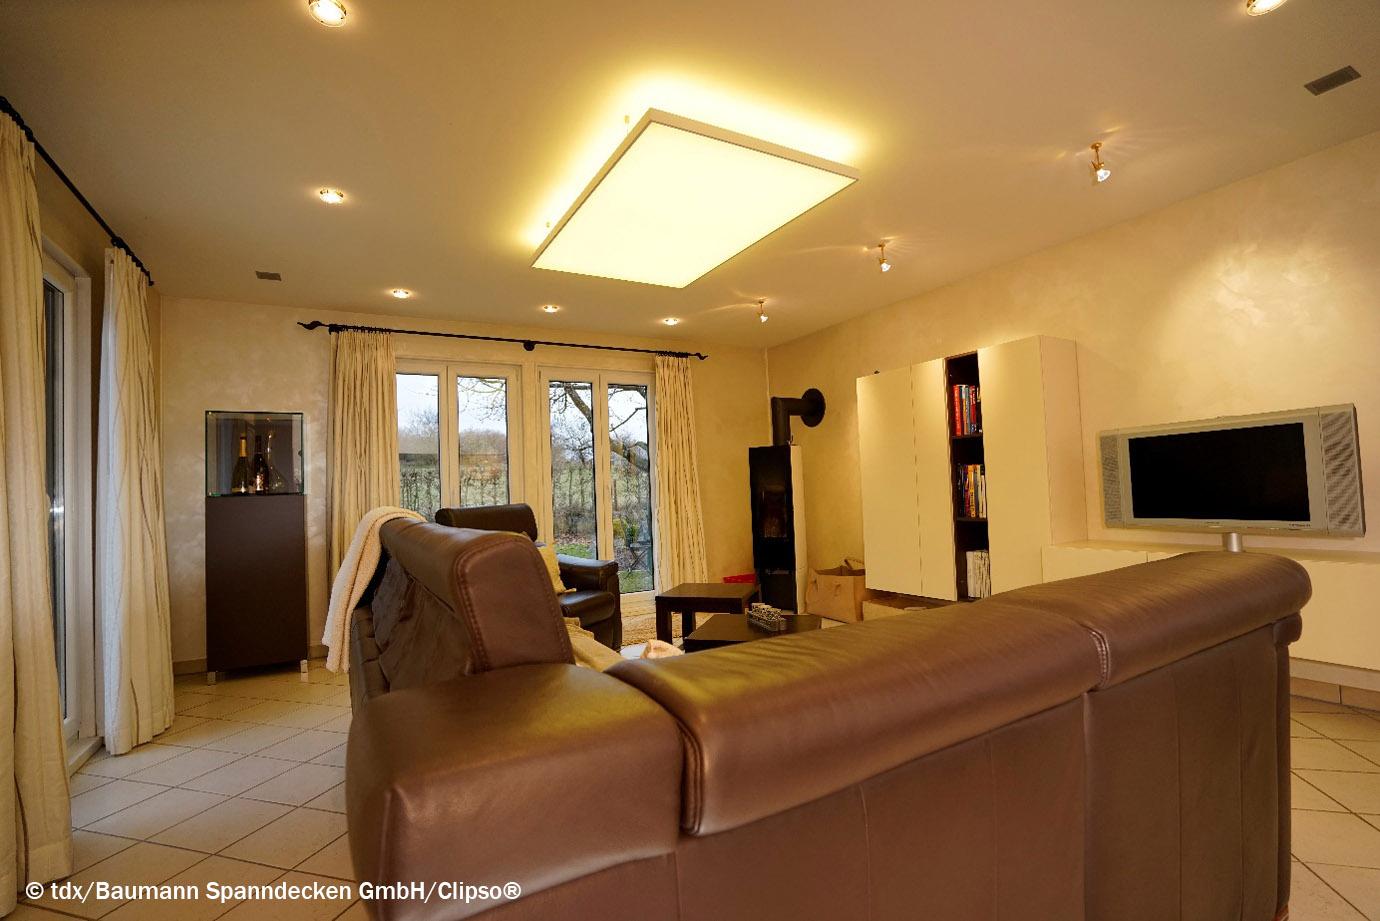 schallschutz und tolles licht mit spanndecken smart wohnen. Black Bedroom Furniture Sets. Home Design Ideas